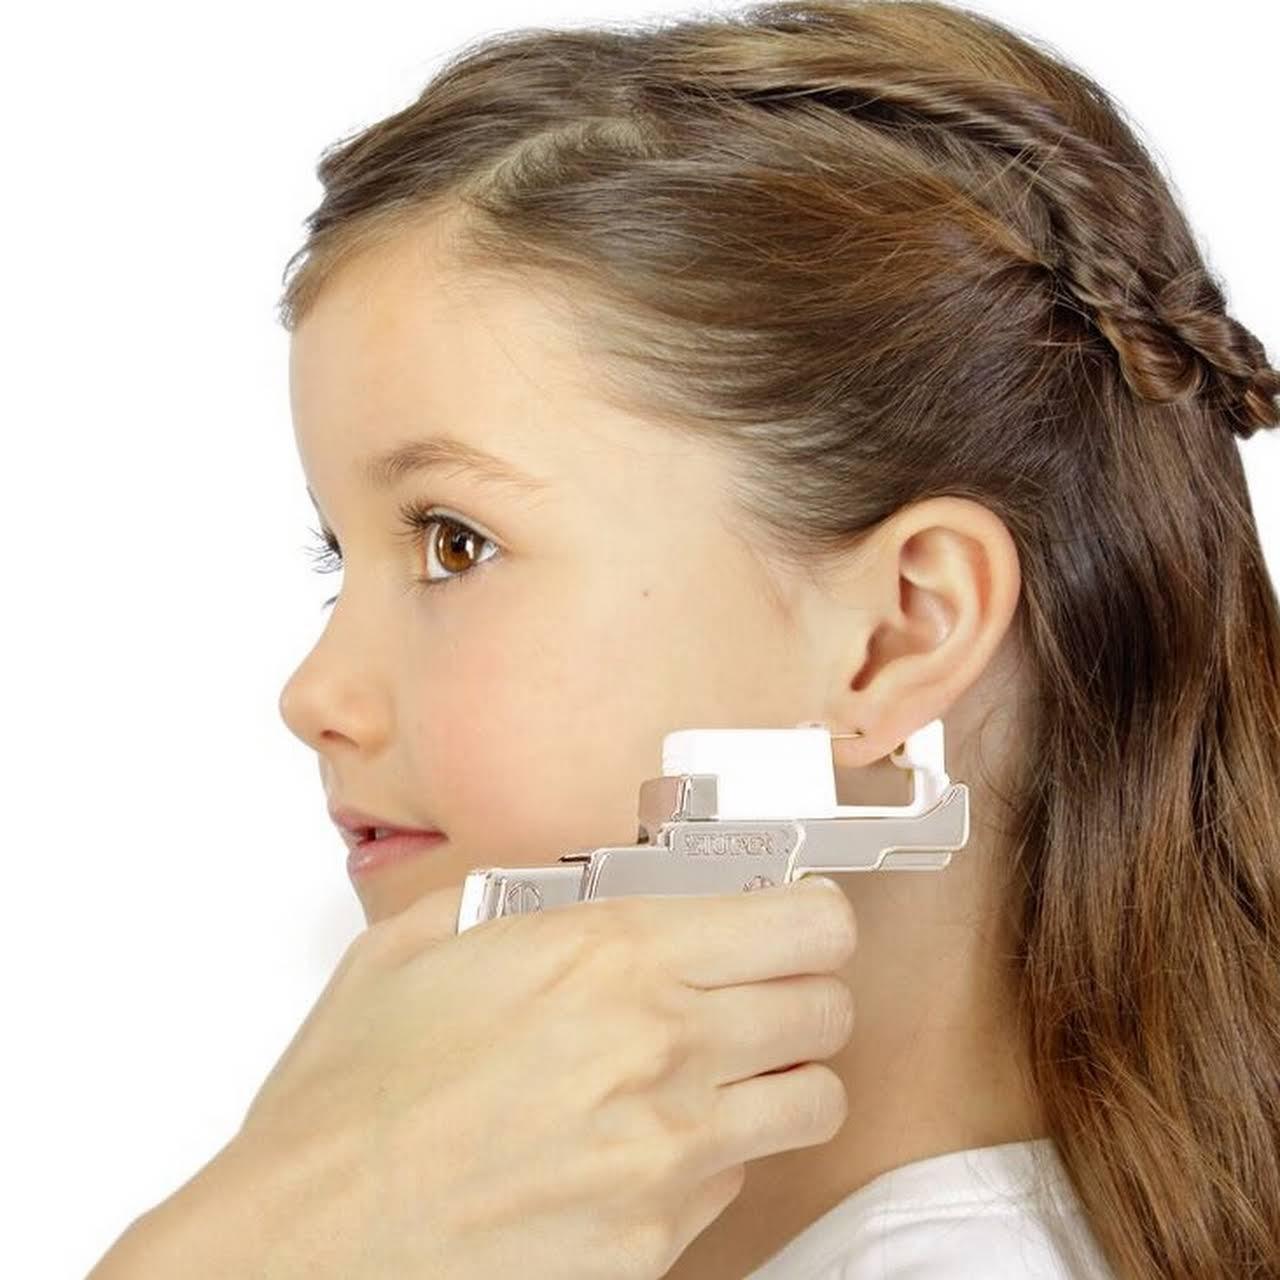 Как, где и когда лучше проколоть уши ребенку: полезные советы